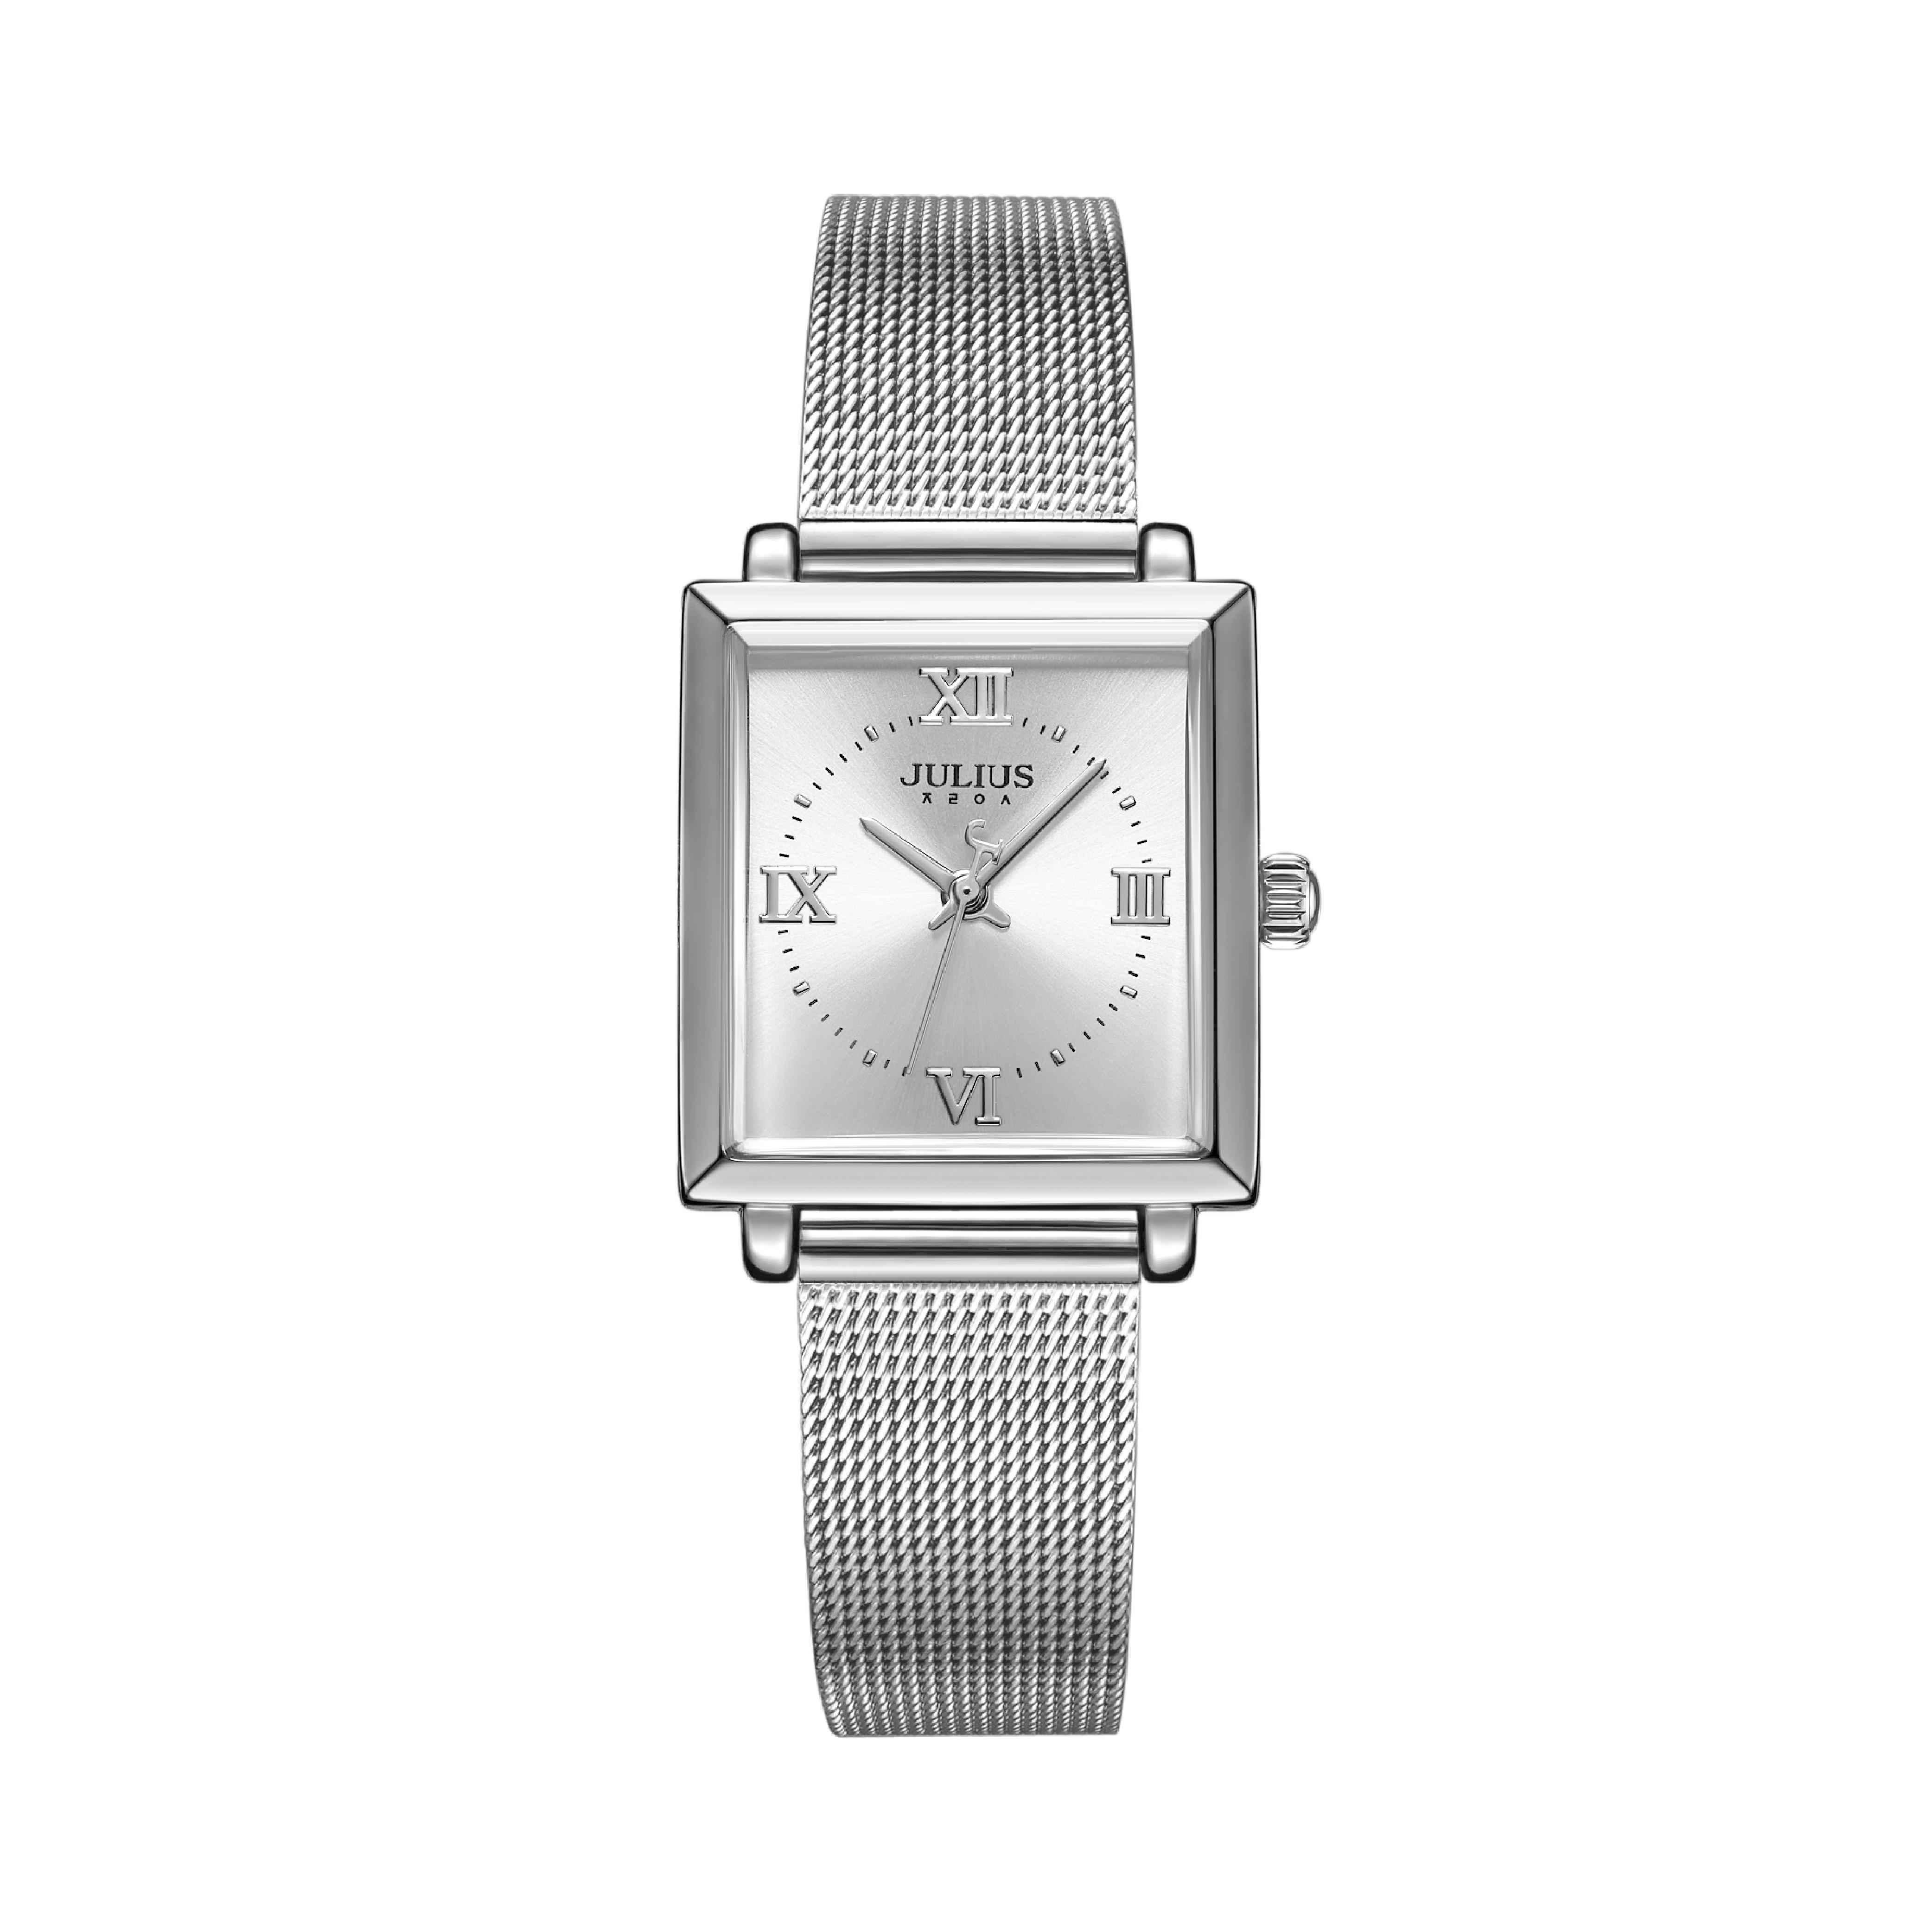 นาฬิกาข้อมือผู้หญิง JULIUS JA-1202 A